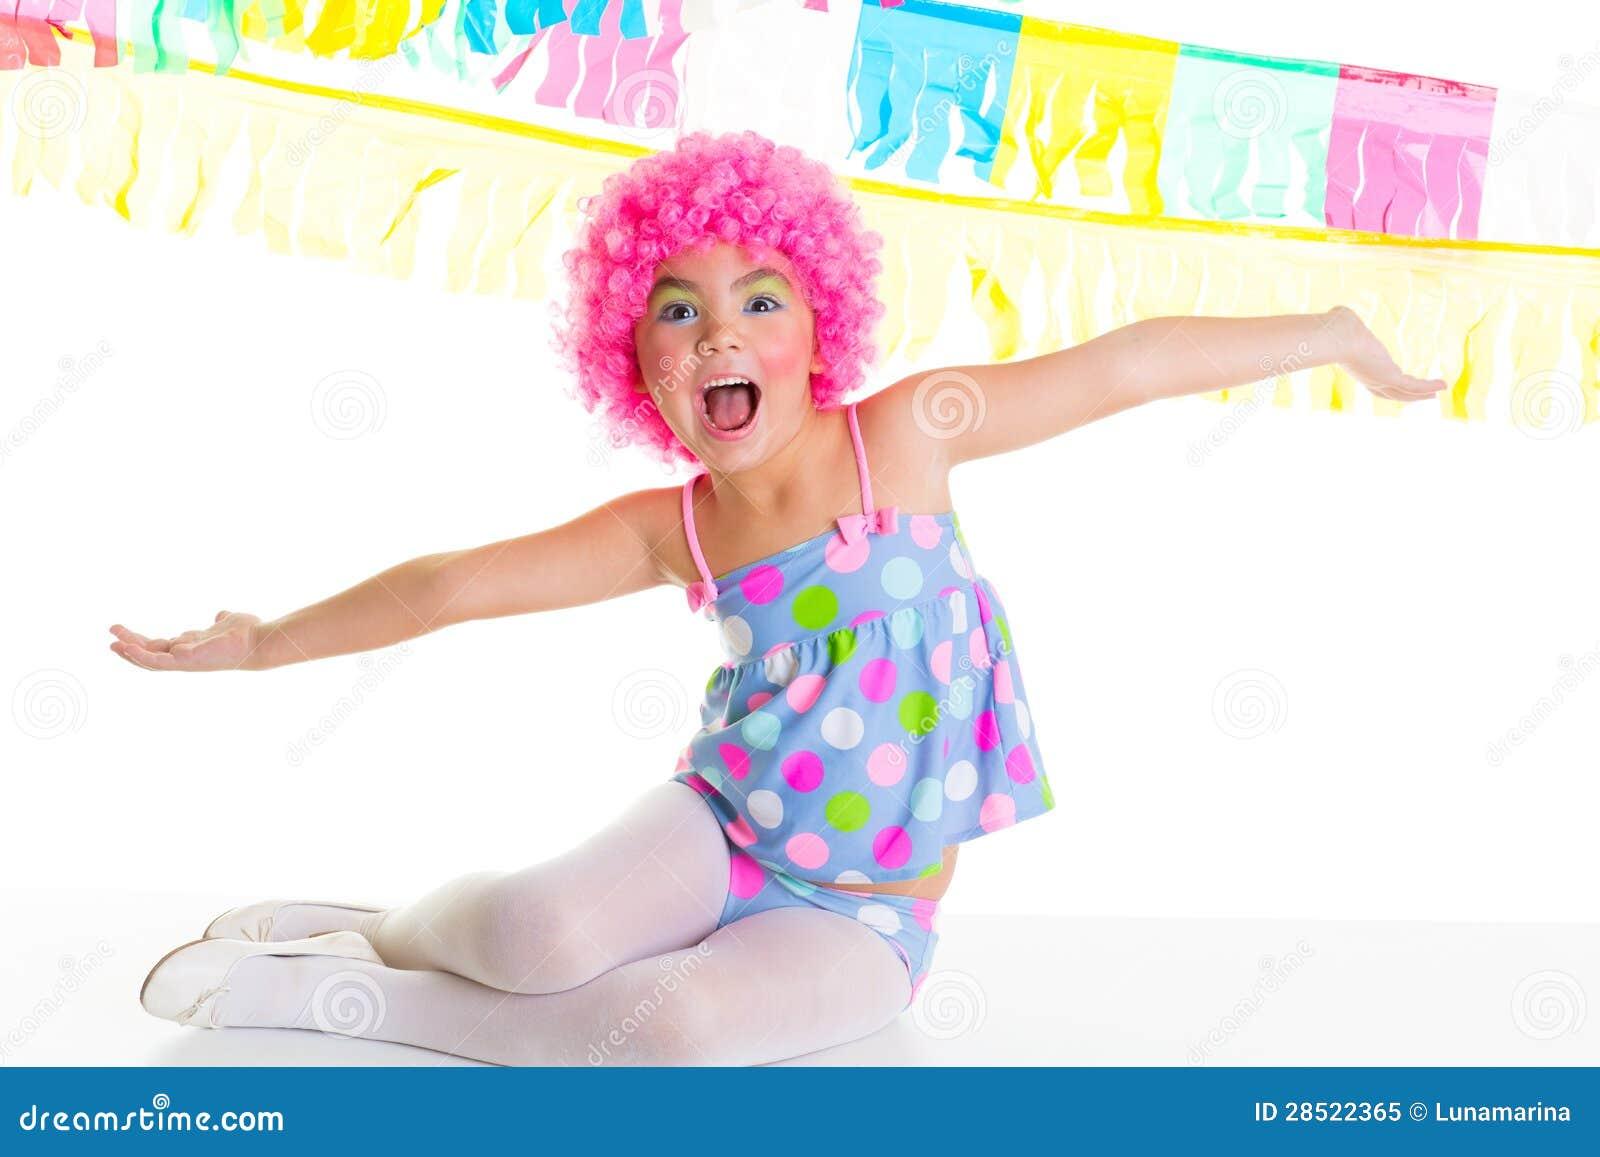 儿童有当事人小丑粉红色假发滑稽的表达式的孩子女孩